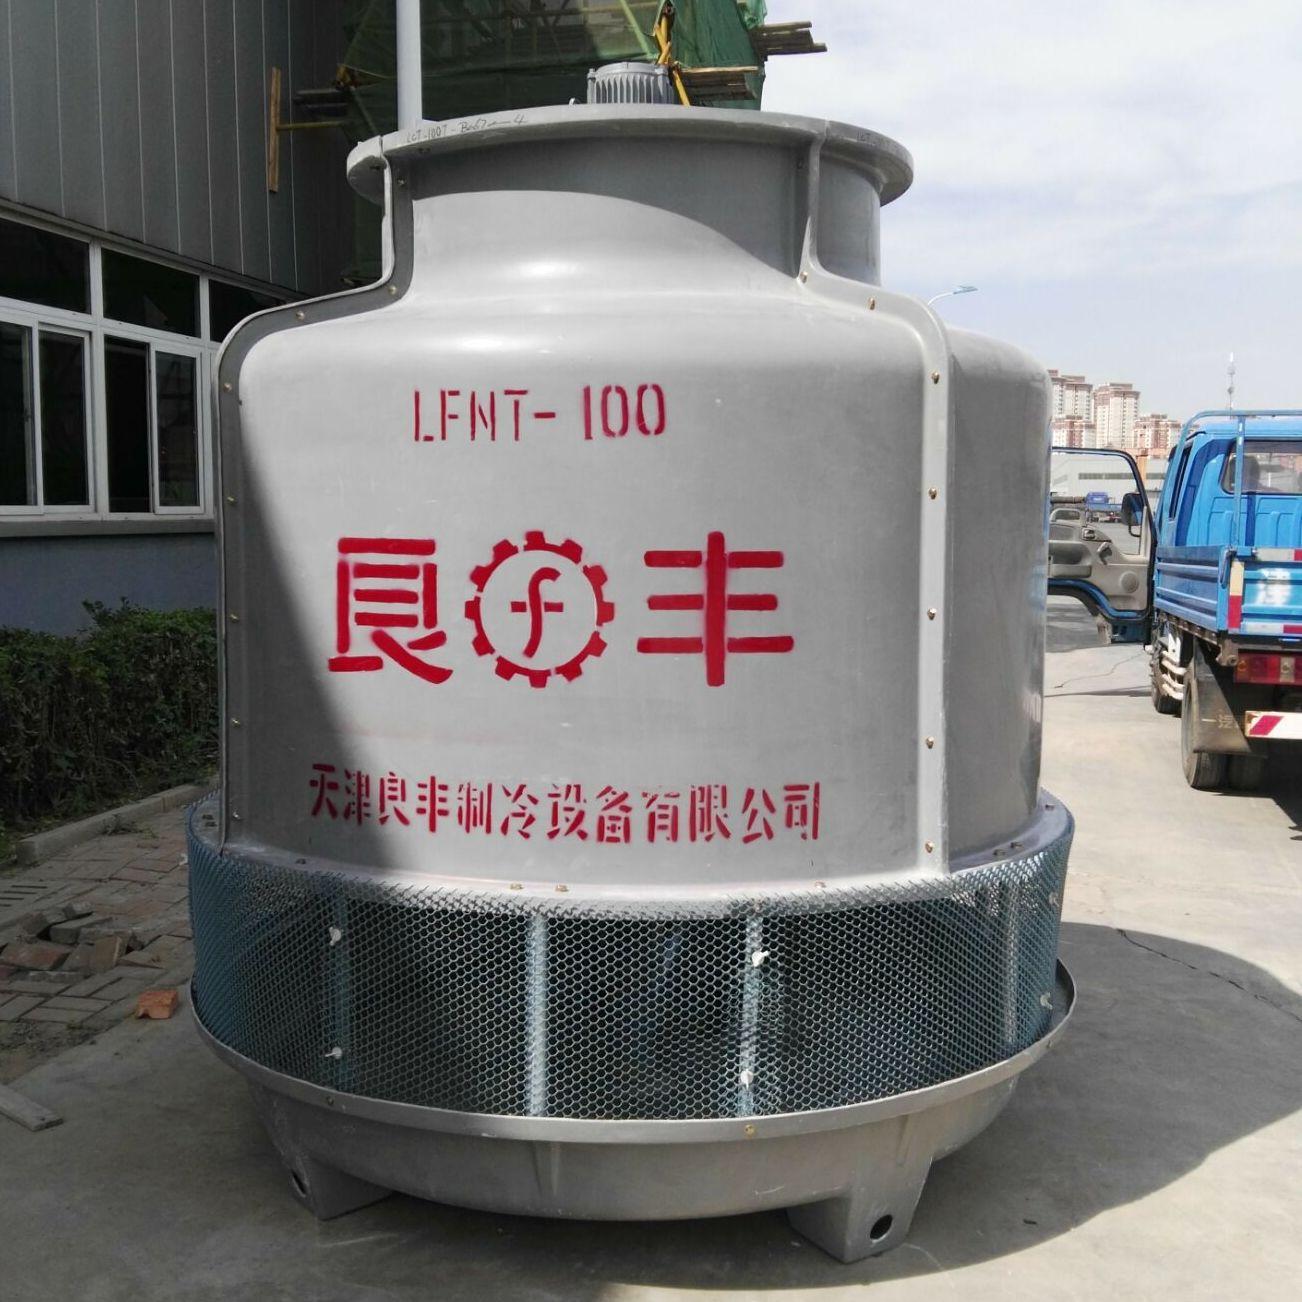 冷却塔,冷却塔厂家,冷却塔生产厂家,天津良丰制冷设备有限公司